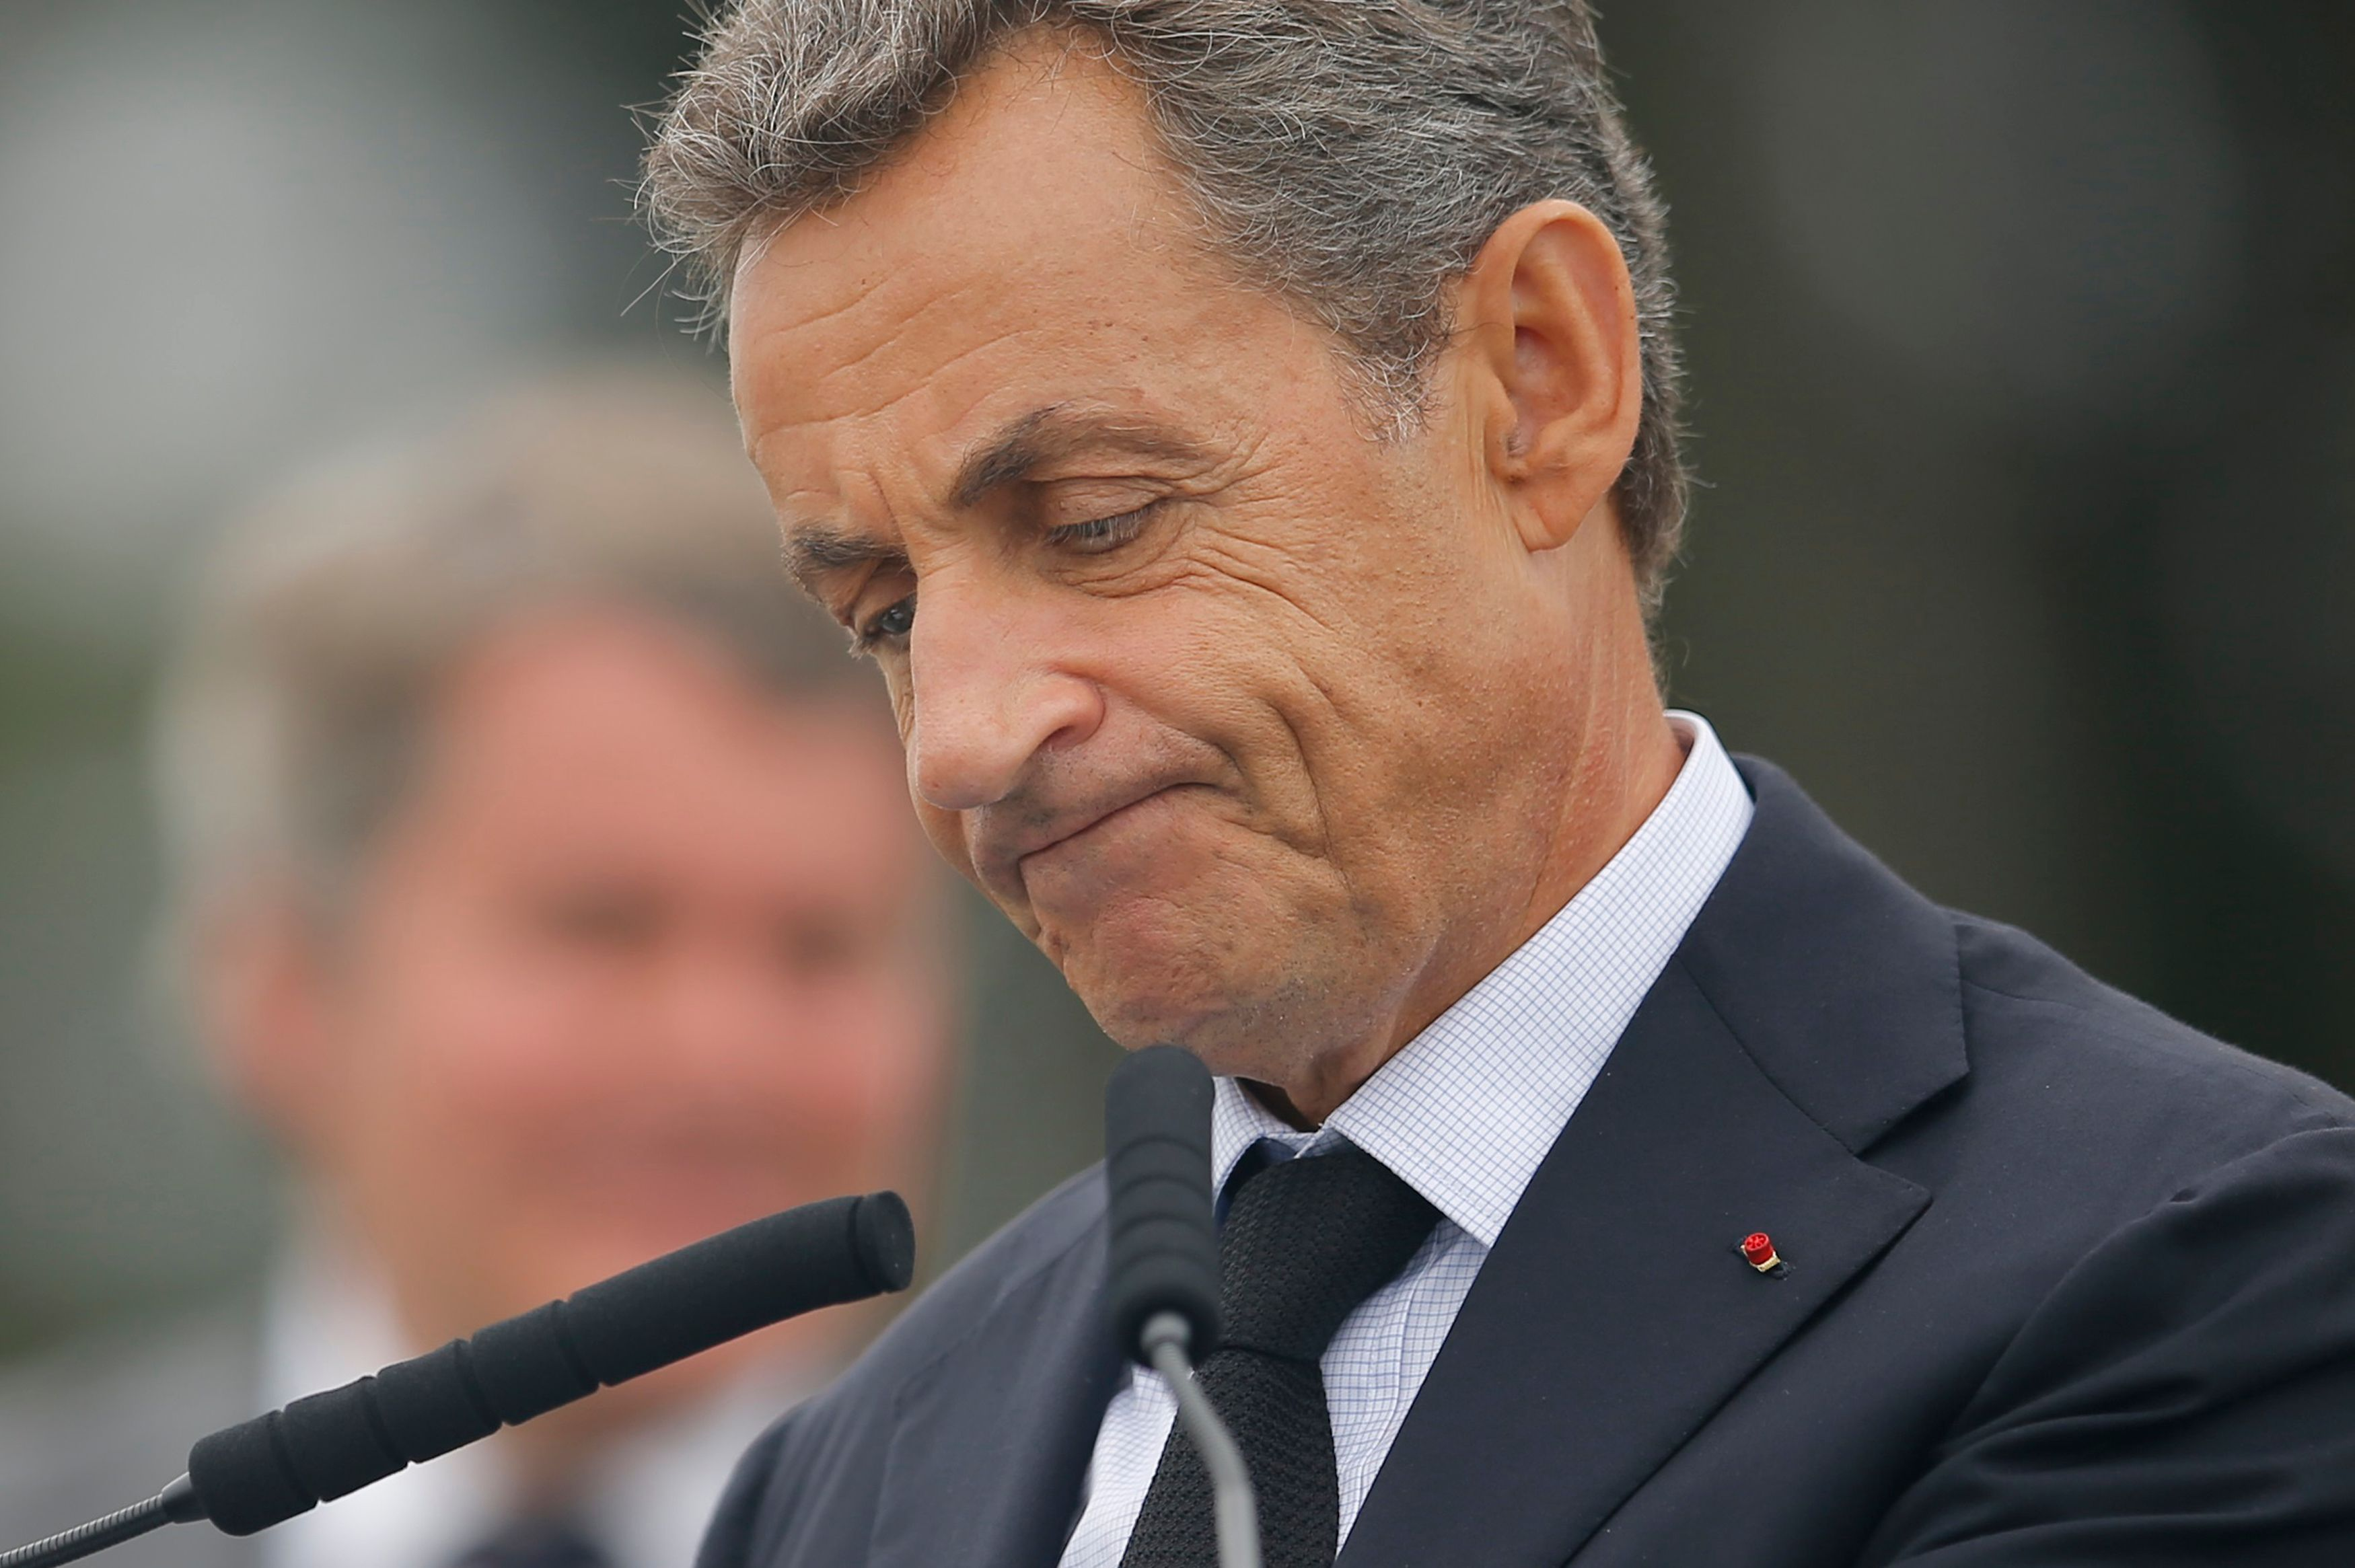 Des migrants arrêtés juste devant Nicolas Sarkozy, en visite à Calais